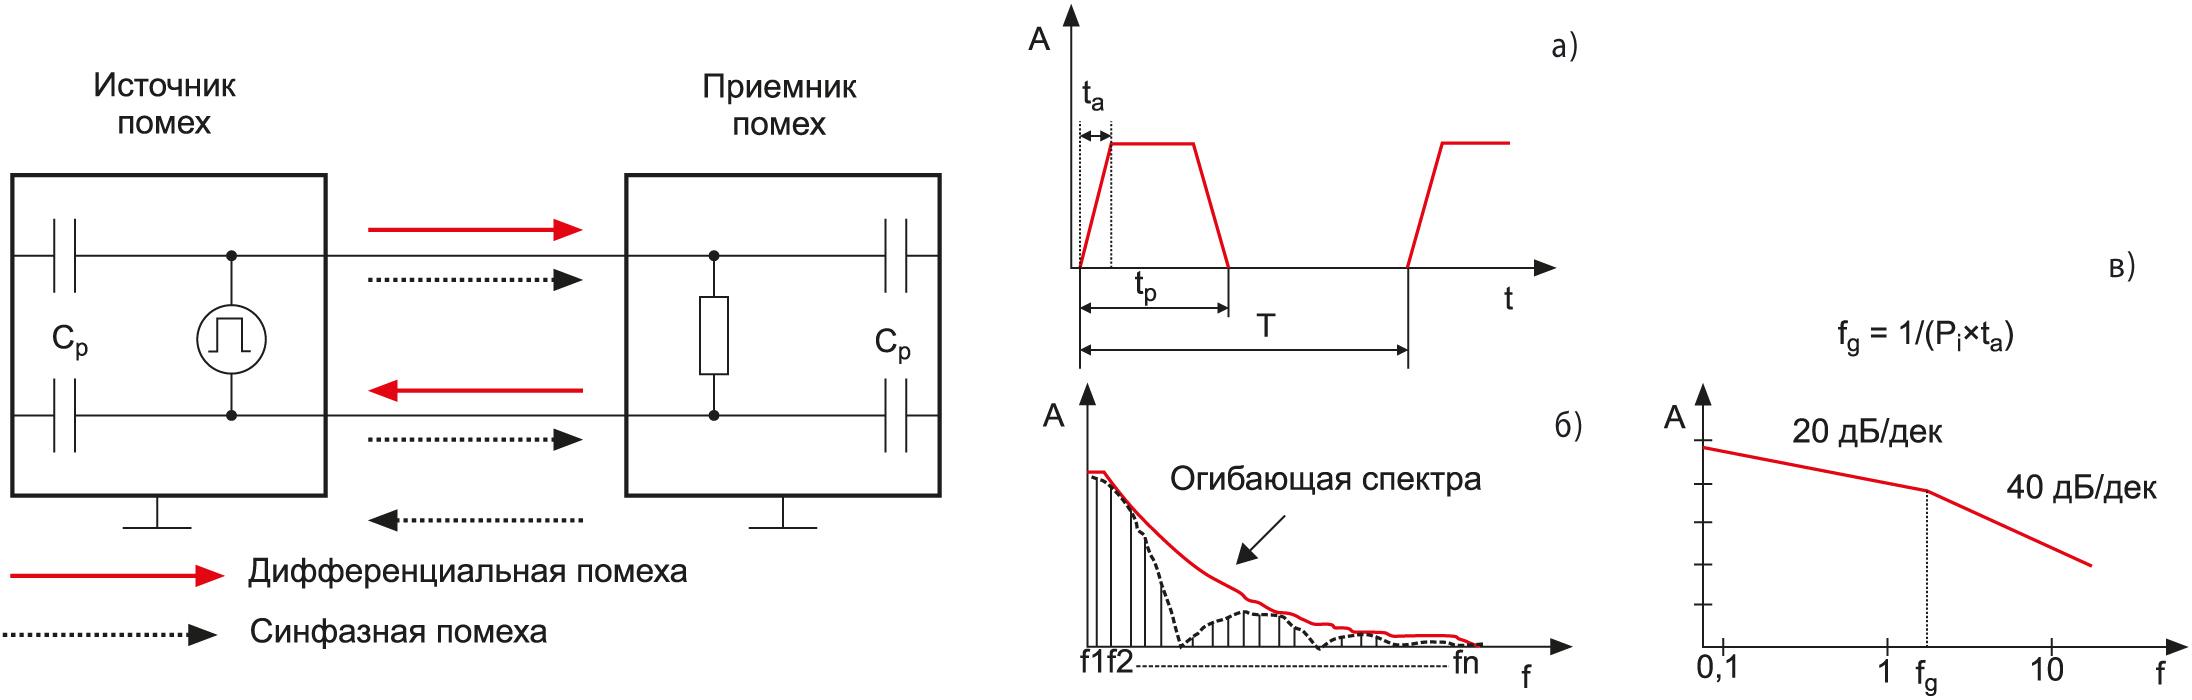 Эквивалентная схема и спектральный анализ периодического импульсного сигнала: a) временная диаграмма; б) линейная частотная характеристика; в) ЛАХ